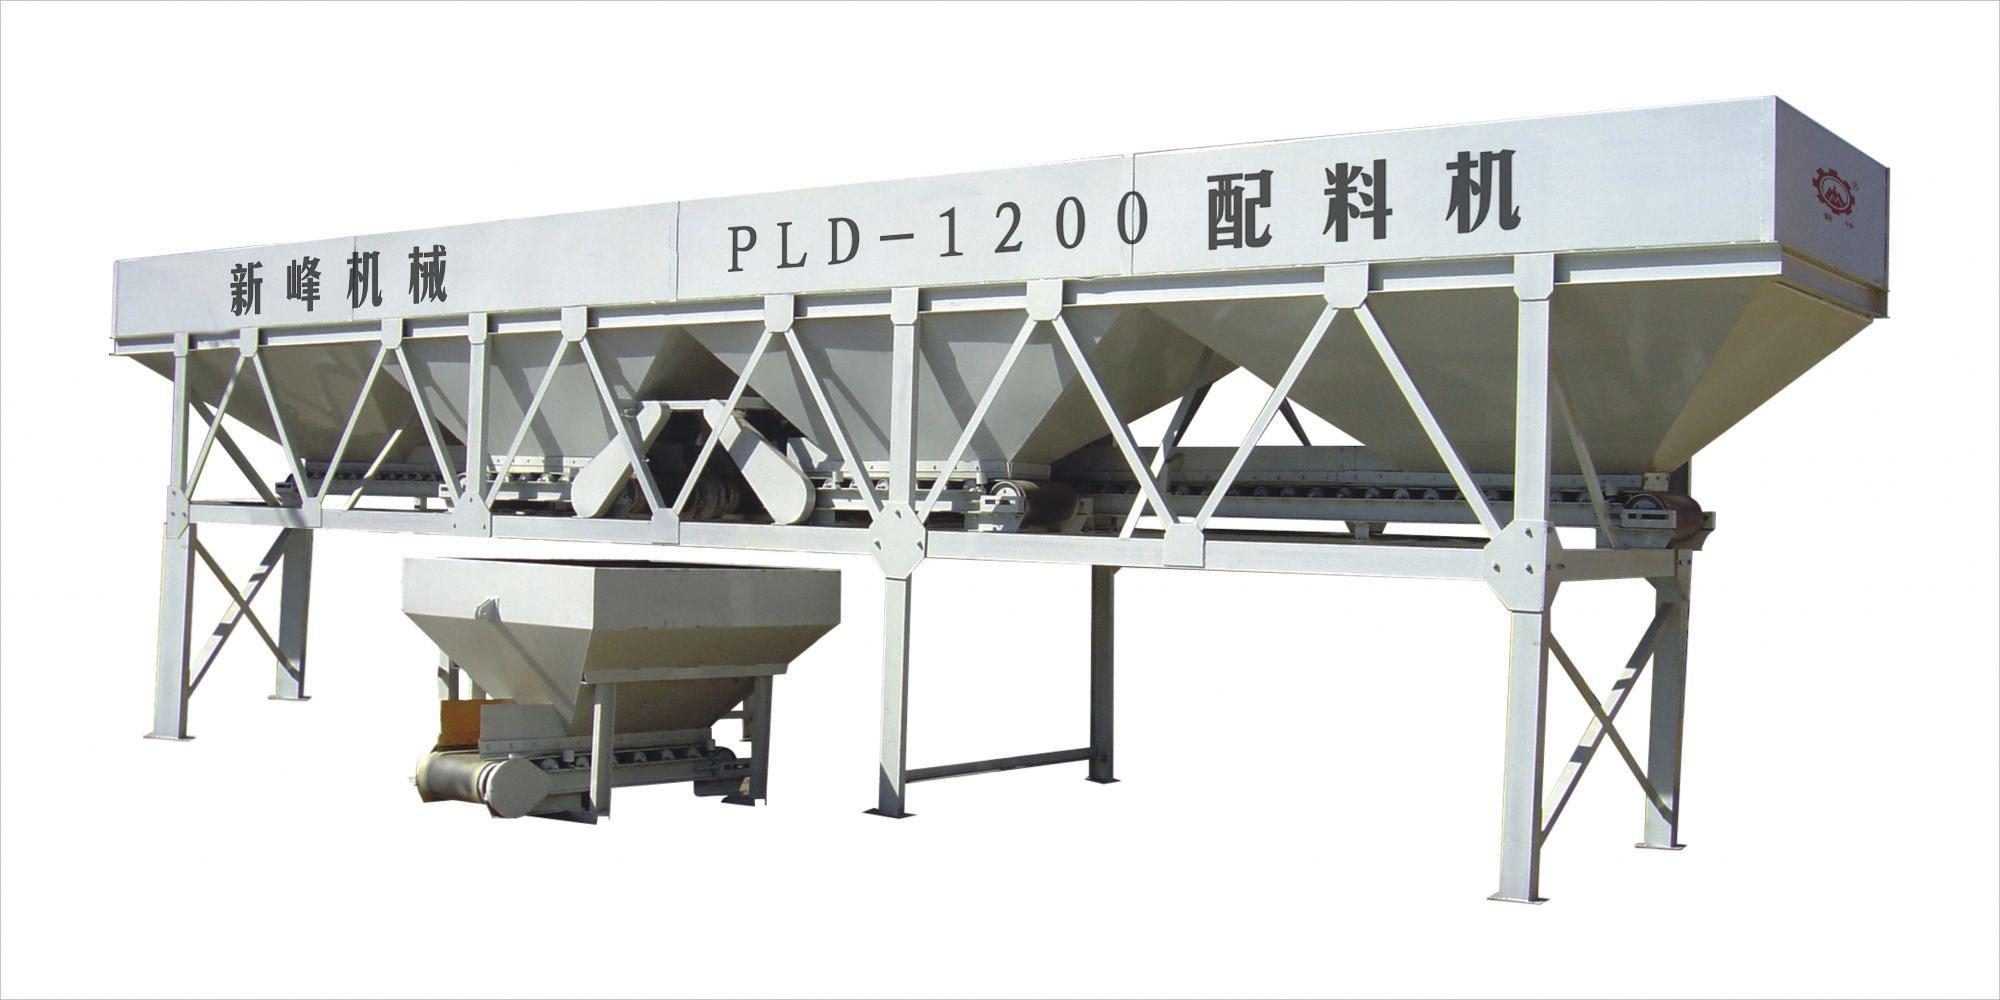 PLD1600混凝土配料機